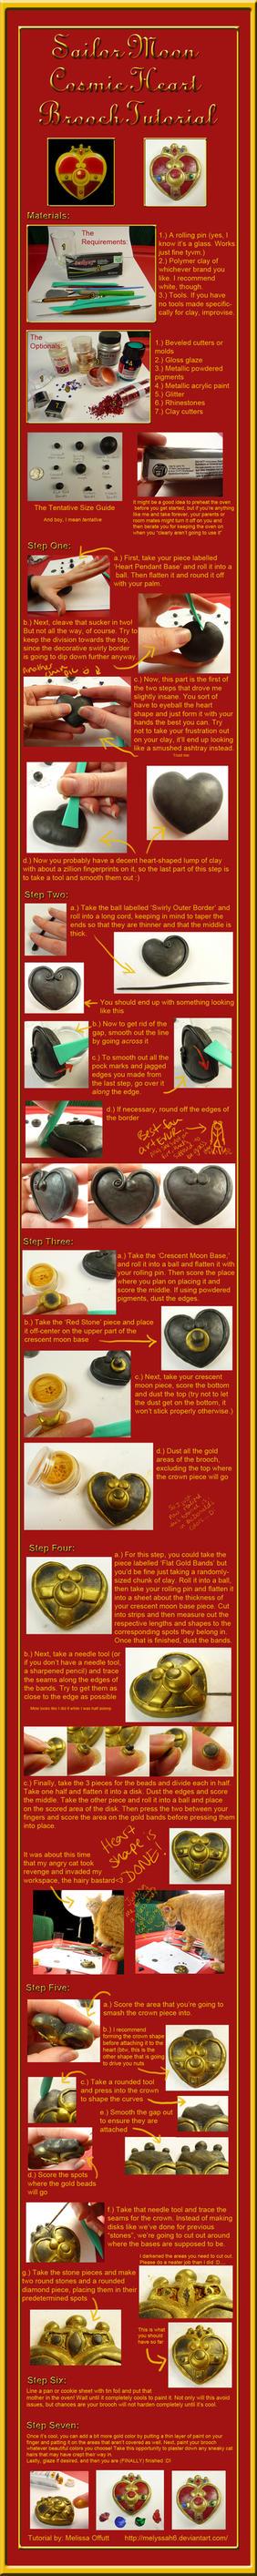 Sailor Moon Cosmic Heart Brooch Tutorial by Melyssah6